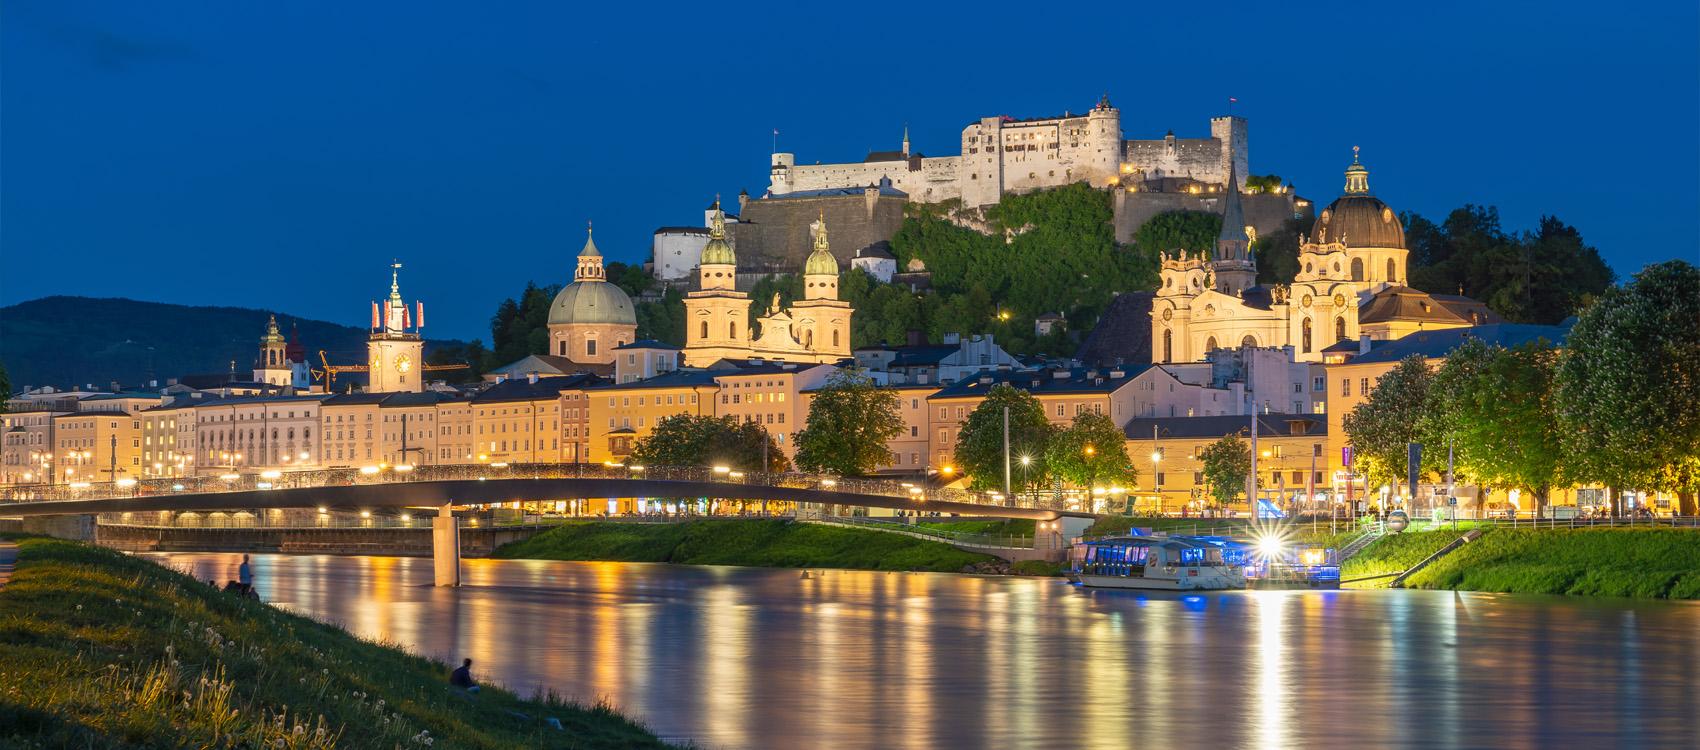 Salisburgo-Appuntamenti musicali a Salisburgo